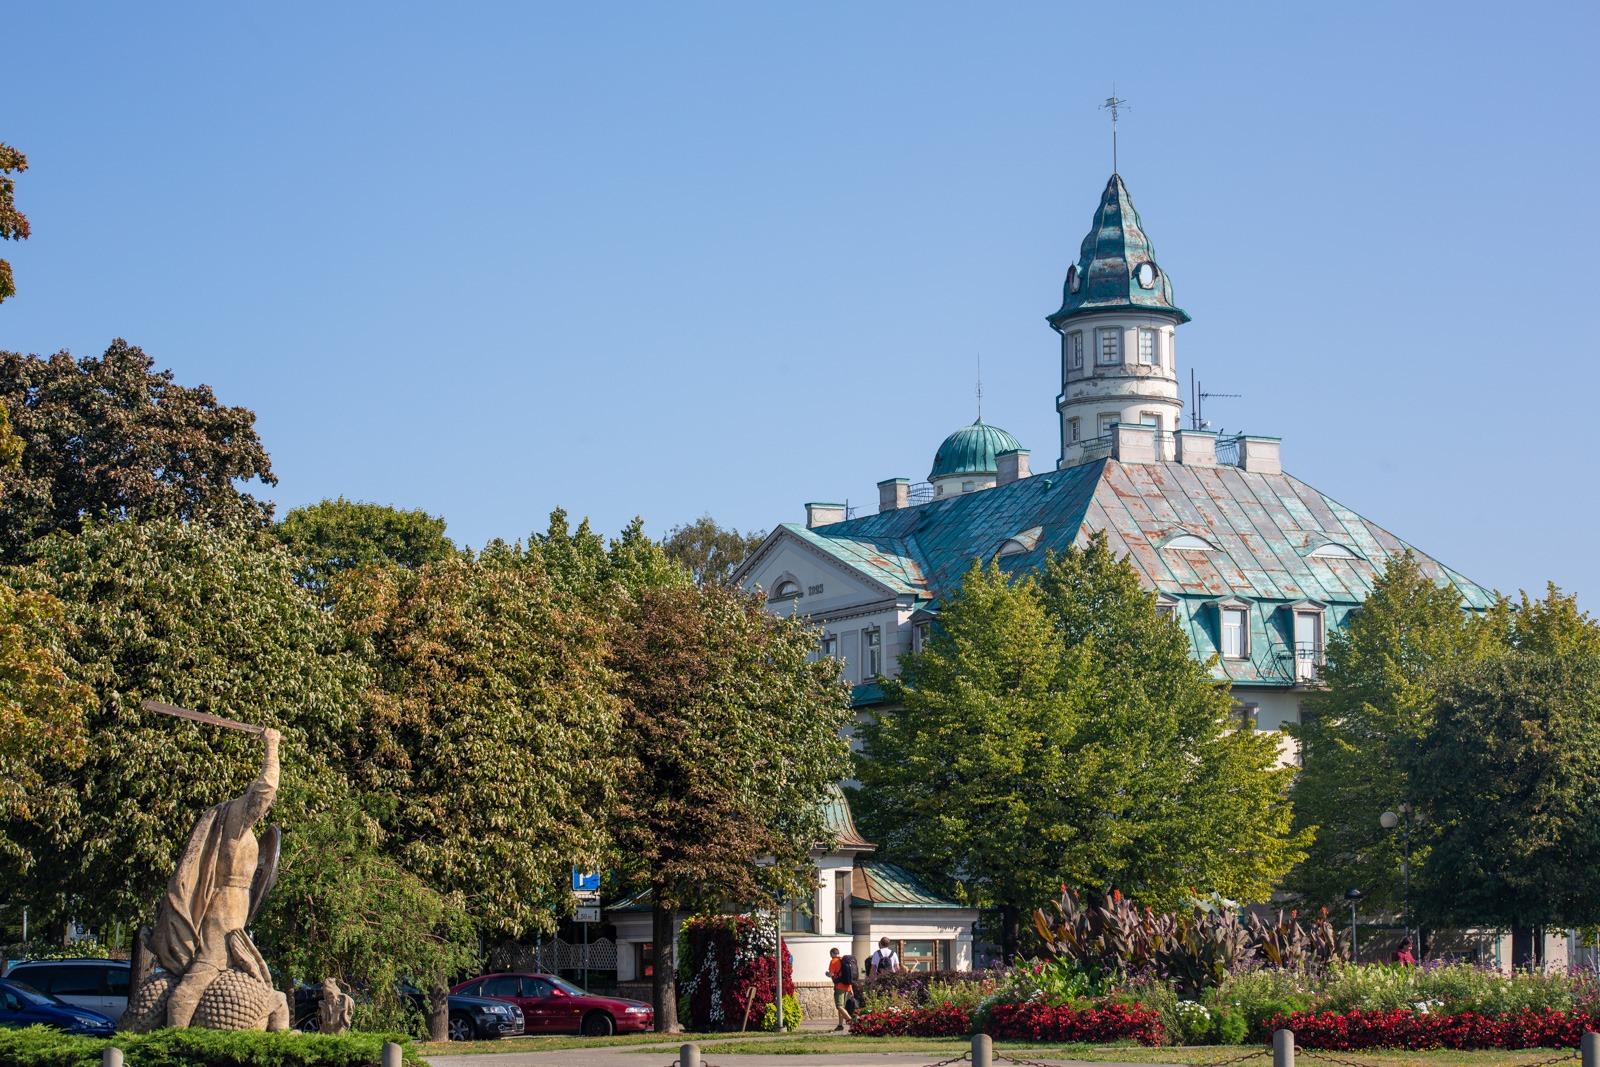 Riga – Jūrmala: Plantschen in der Ostsee